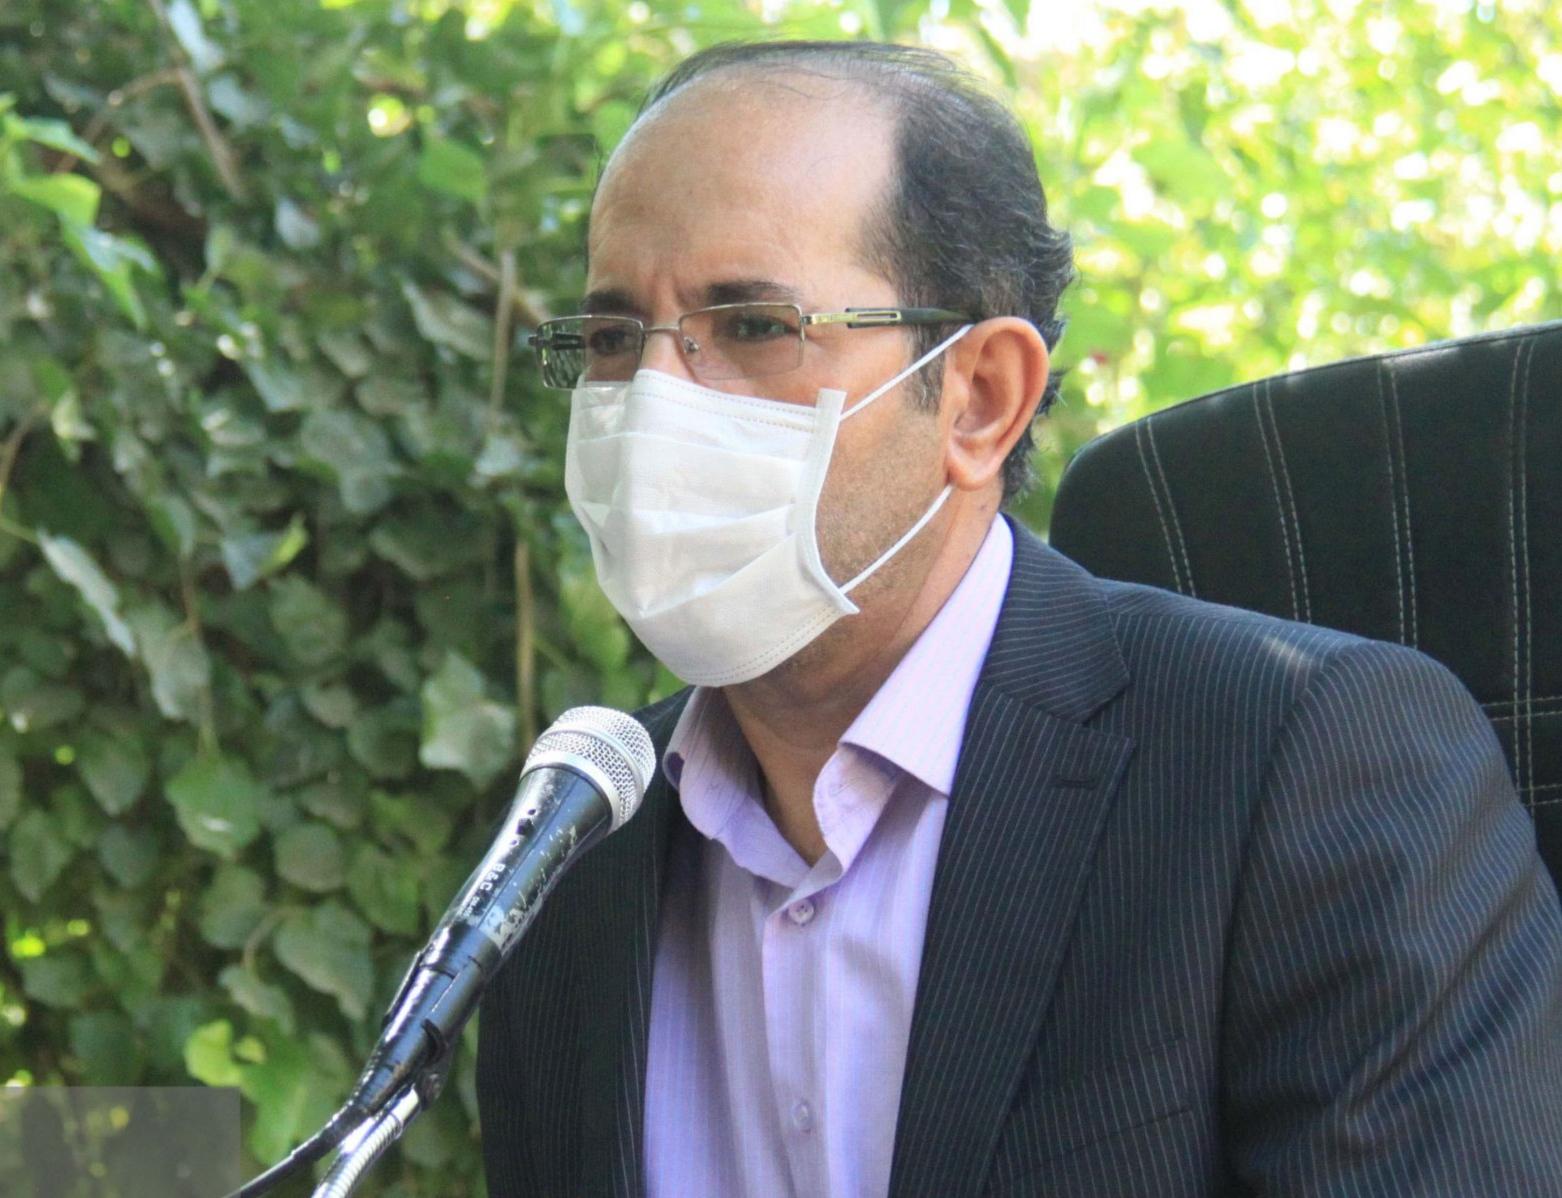 دکتر سوری خبر داد / آخرین وضعیت کرونا در شهرستان کوهدشت و اعلام وضعیت قرمز در بخش طرهان